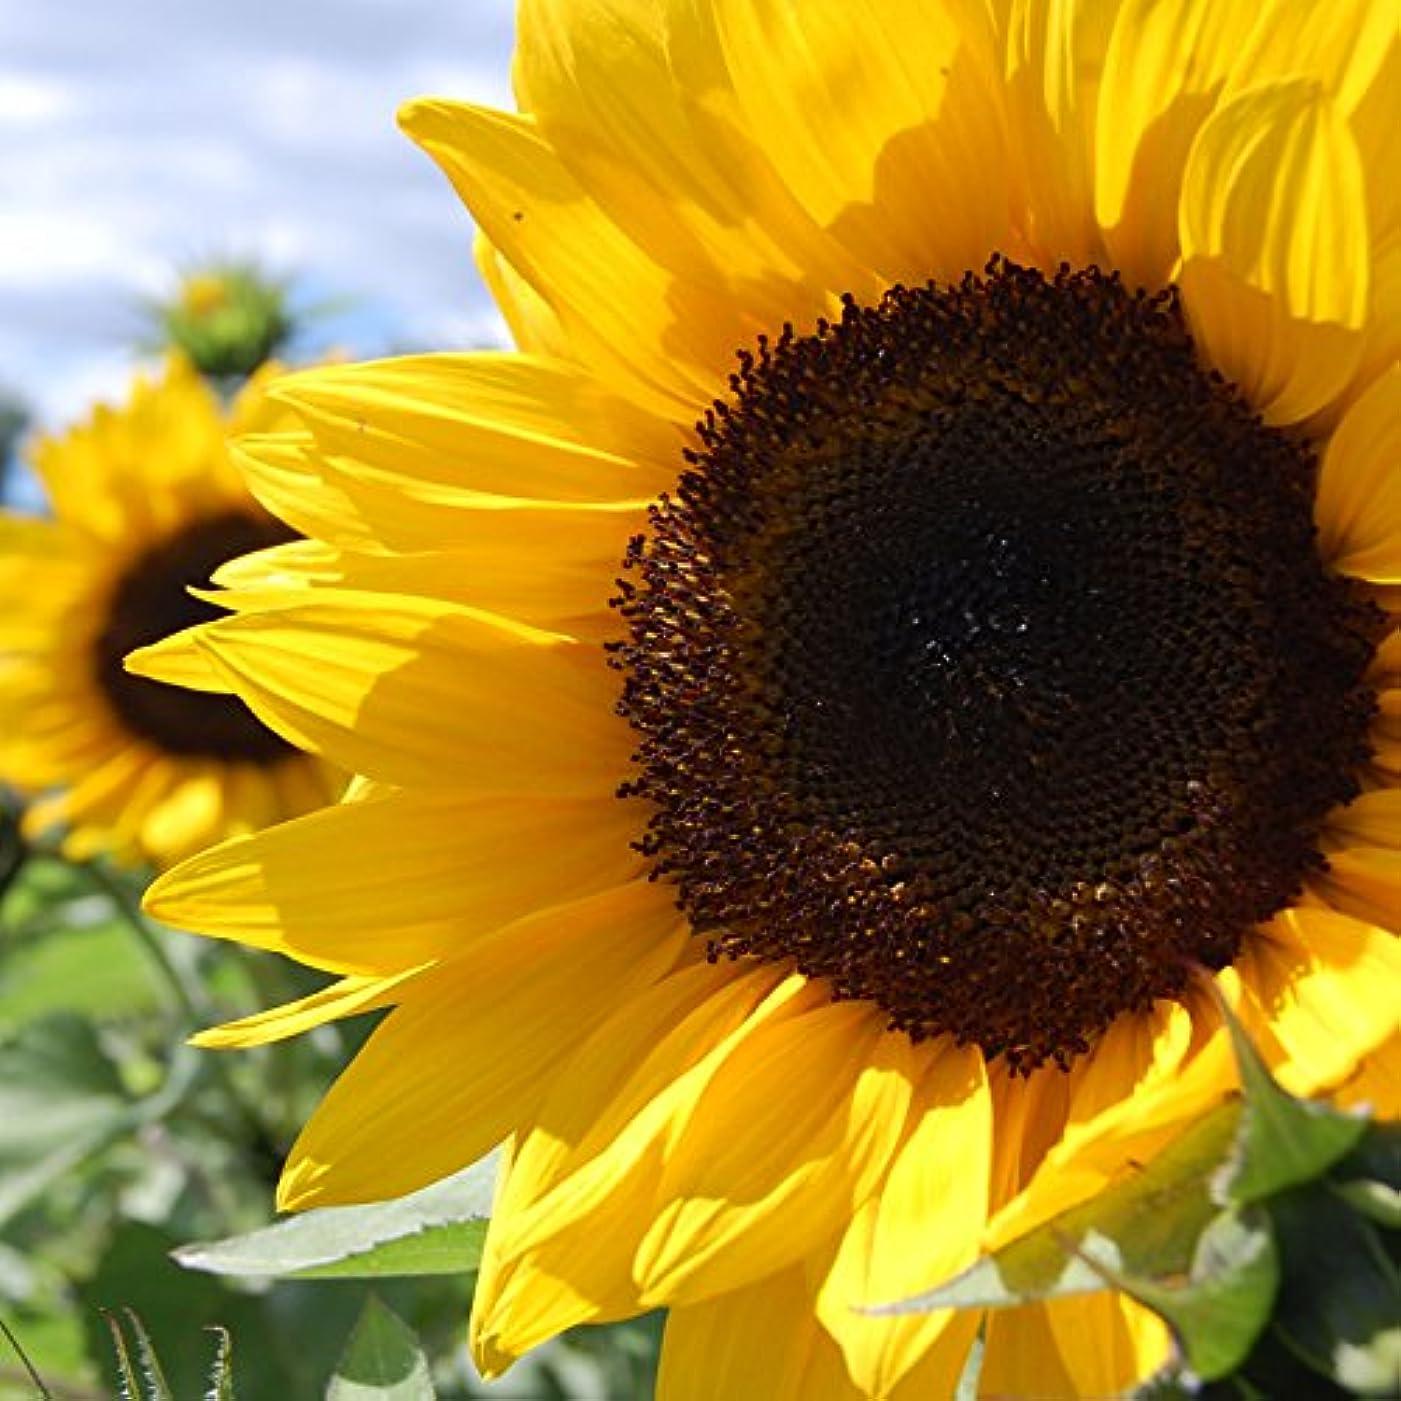 ブーム意図する笑アロマフレグランスオイル ひまわり(Sunflower)